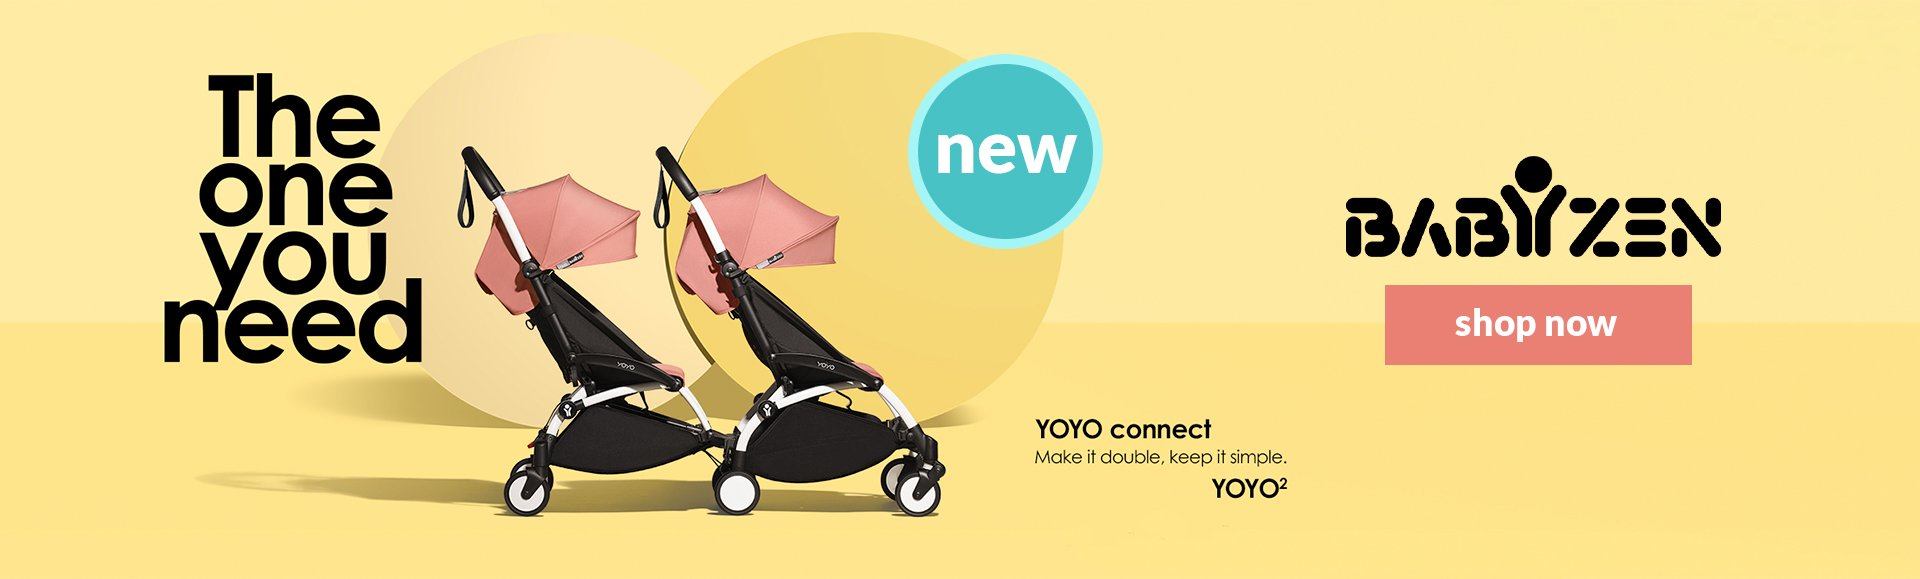 BabyZen Connect